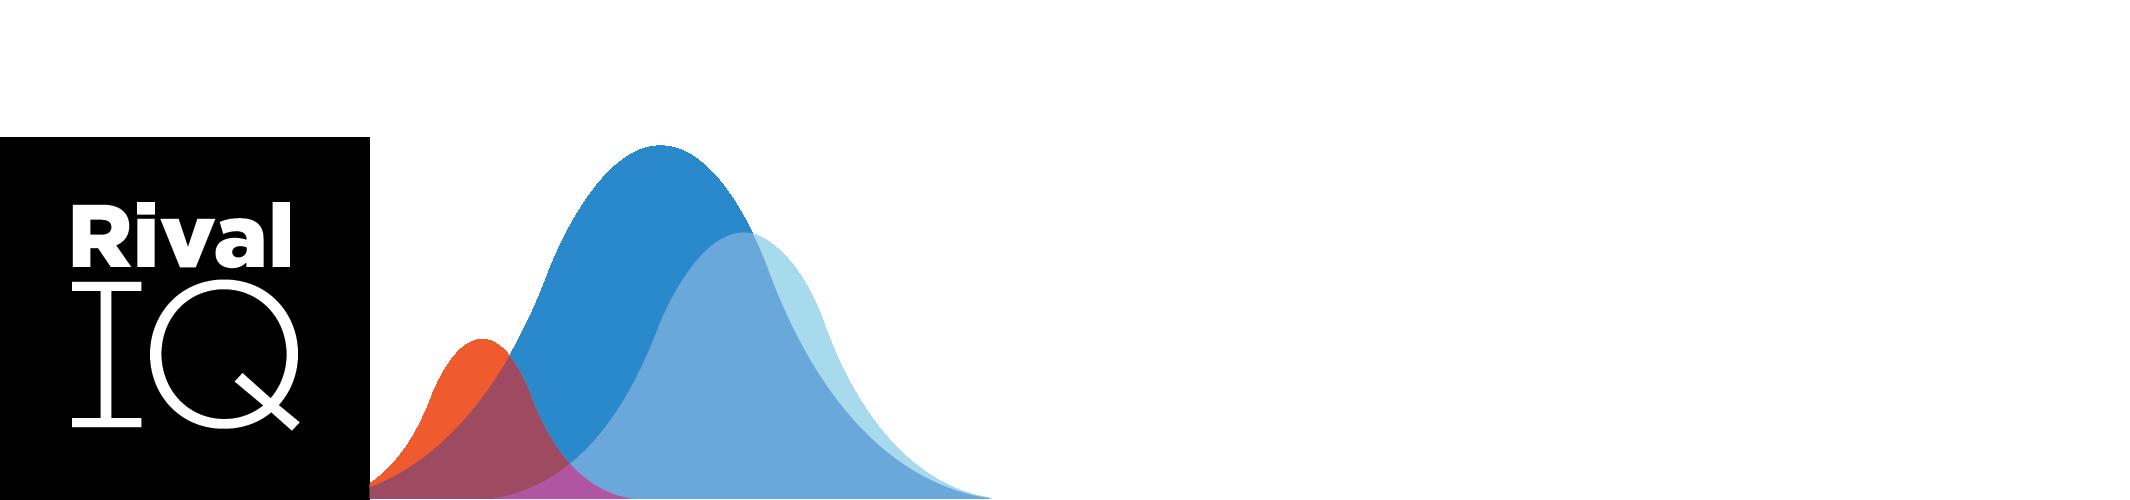 ddm_rev_alt_logo.png